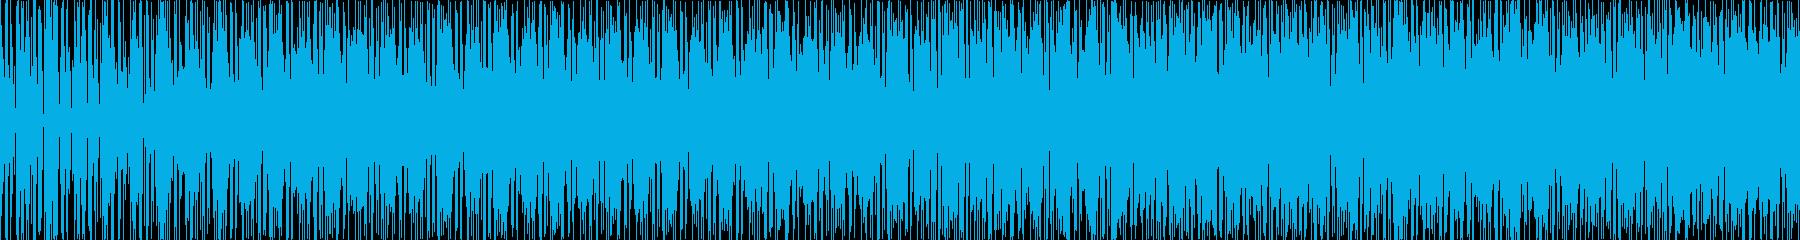 奇妙な感じのループ曲ですの再生済みの波形